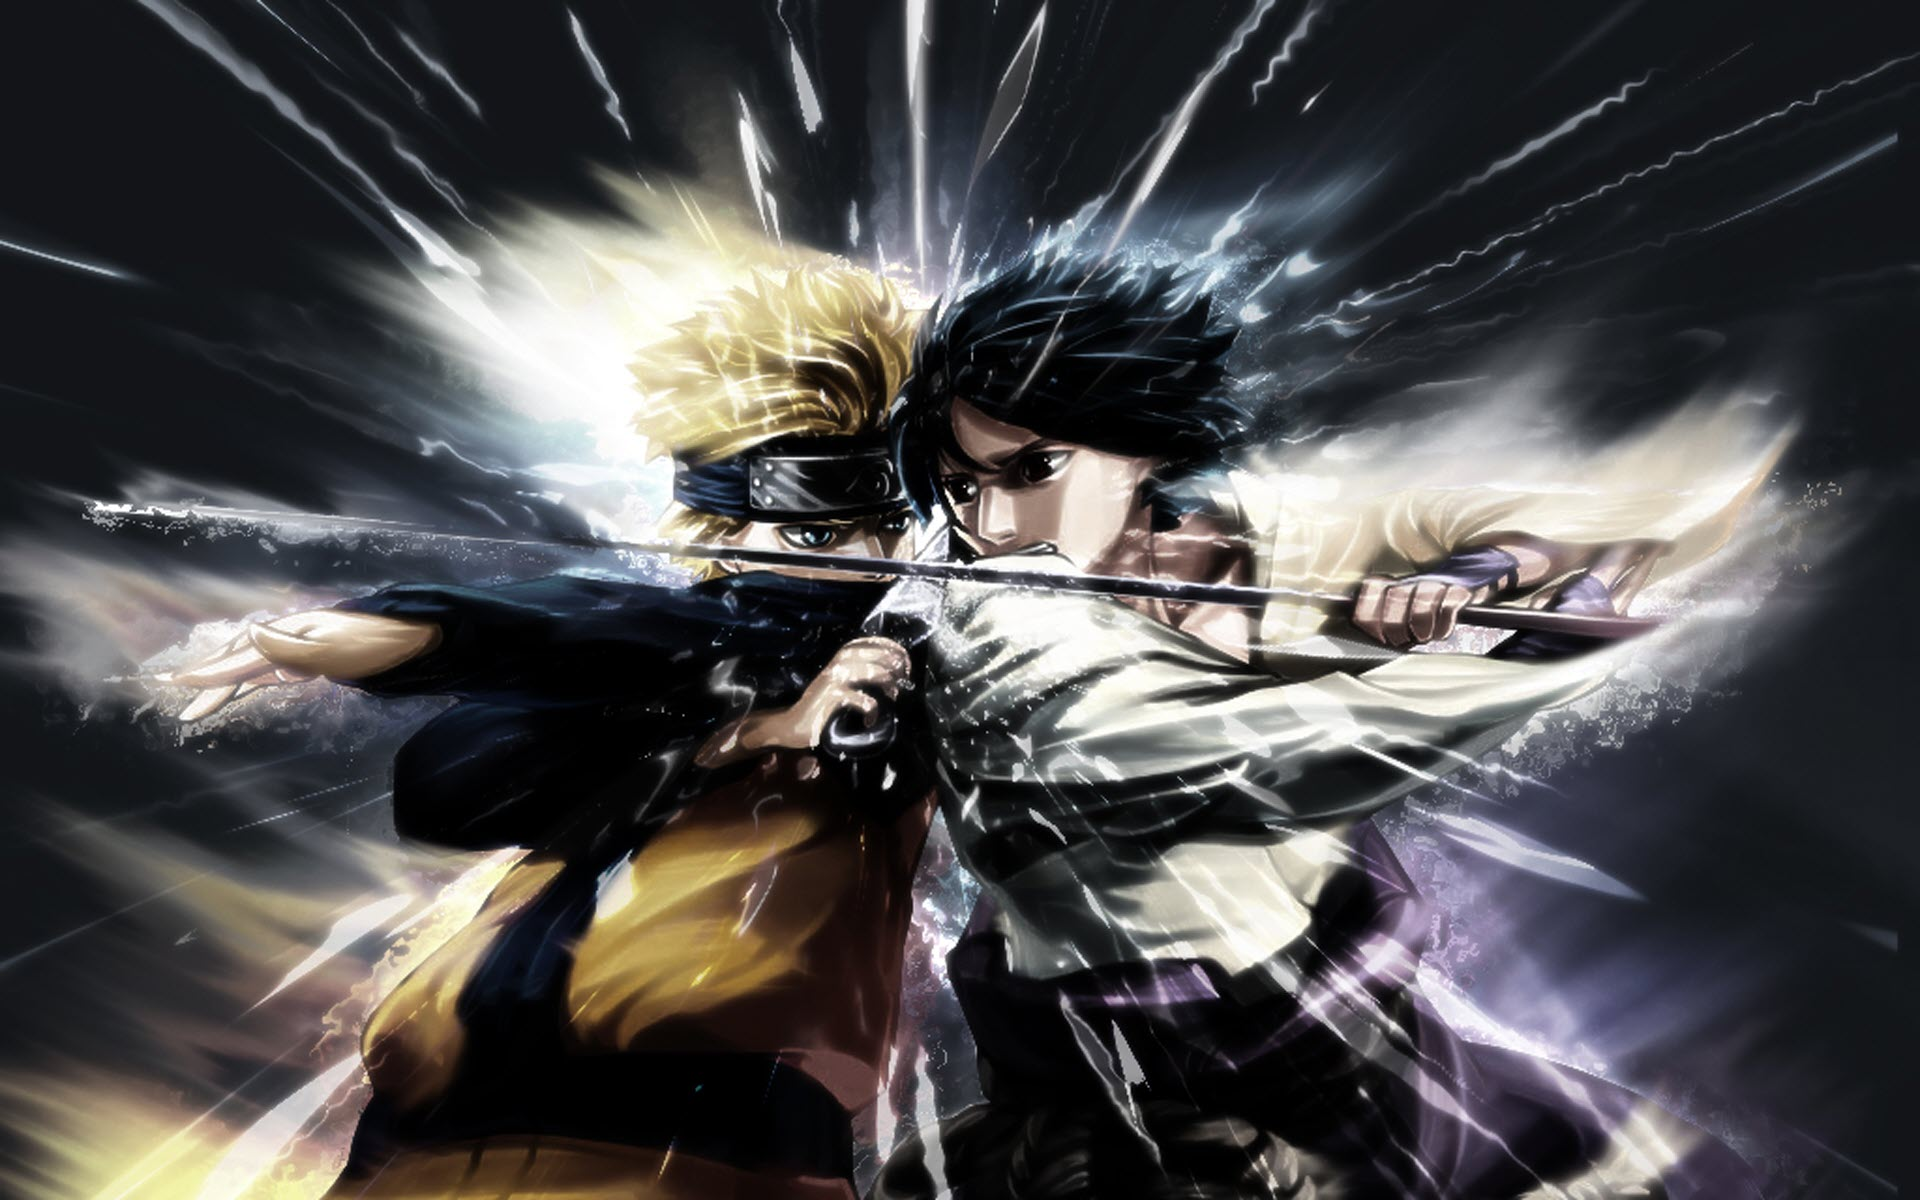 Free Download Pics Photos Sasuke Uchiha Naruto Hd Wallpaper